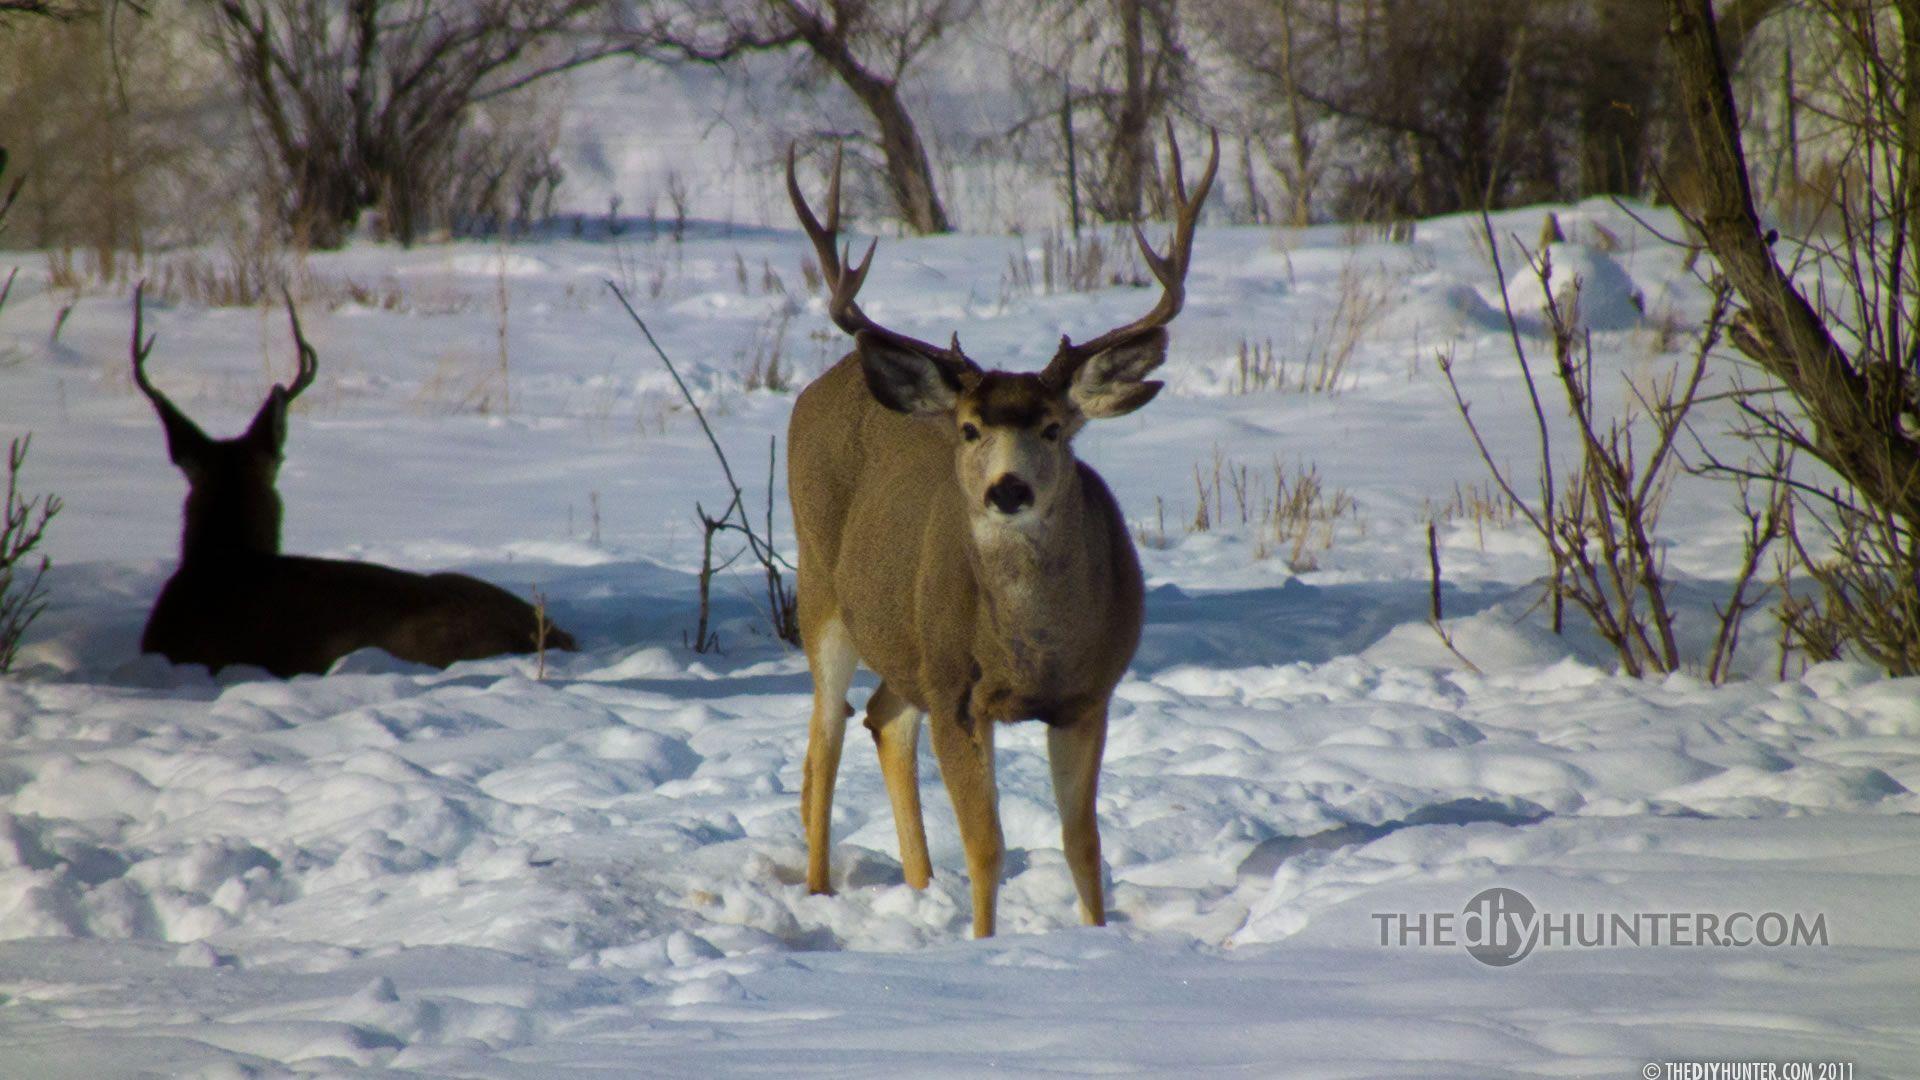 deer wallpaper for my desktop - photo #44